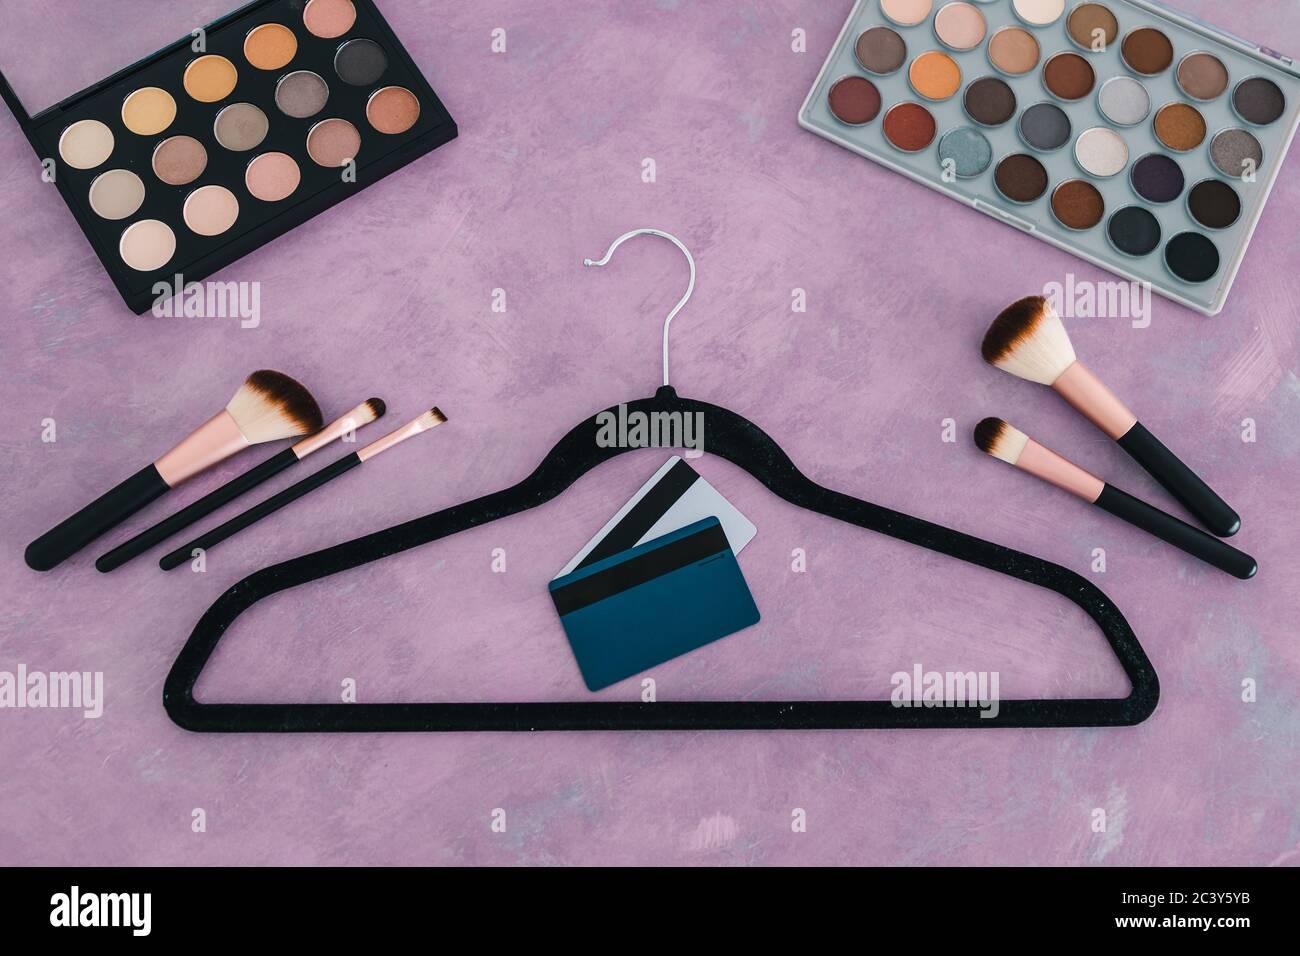 industria de la belleza y concepto de compras, escritorio rosa con cosméticos y accesorios de moda en ella, incluyendo percha de ropa y tarjetas de crédito Foto de stock